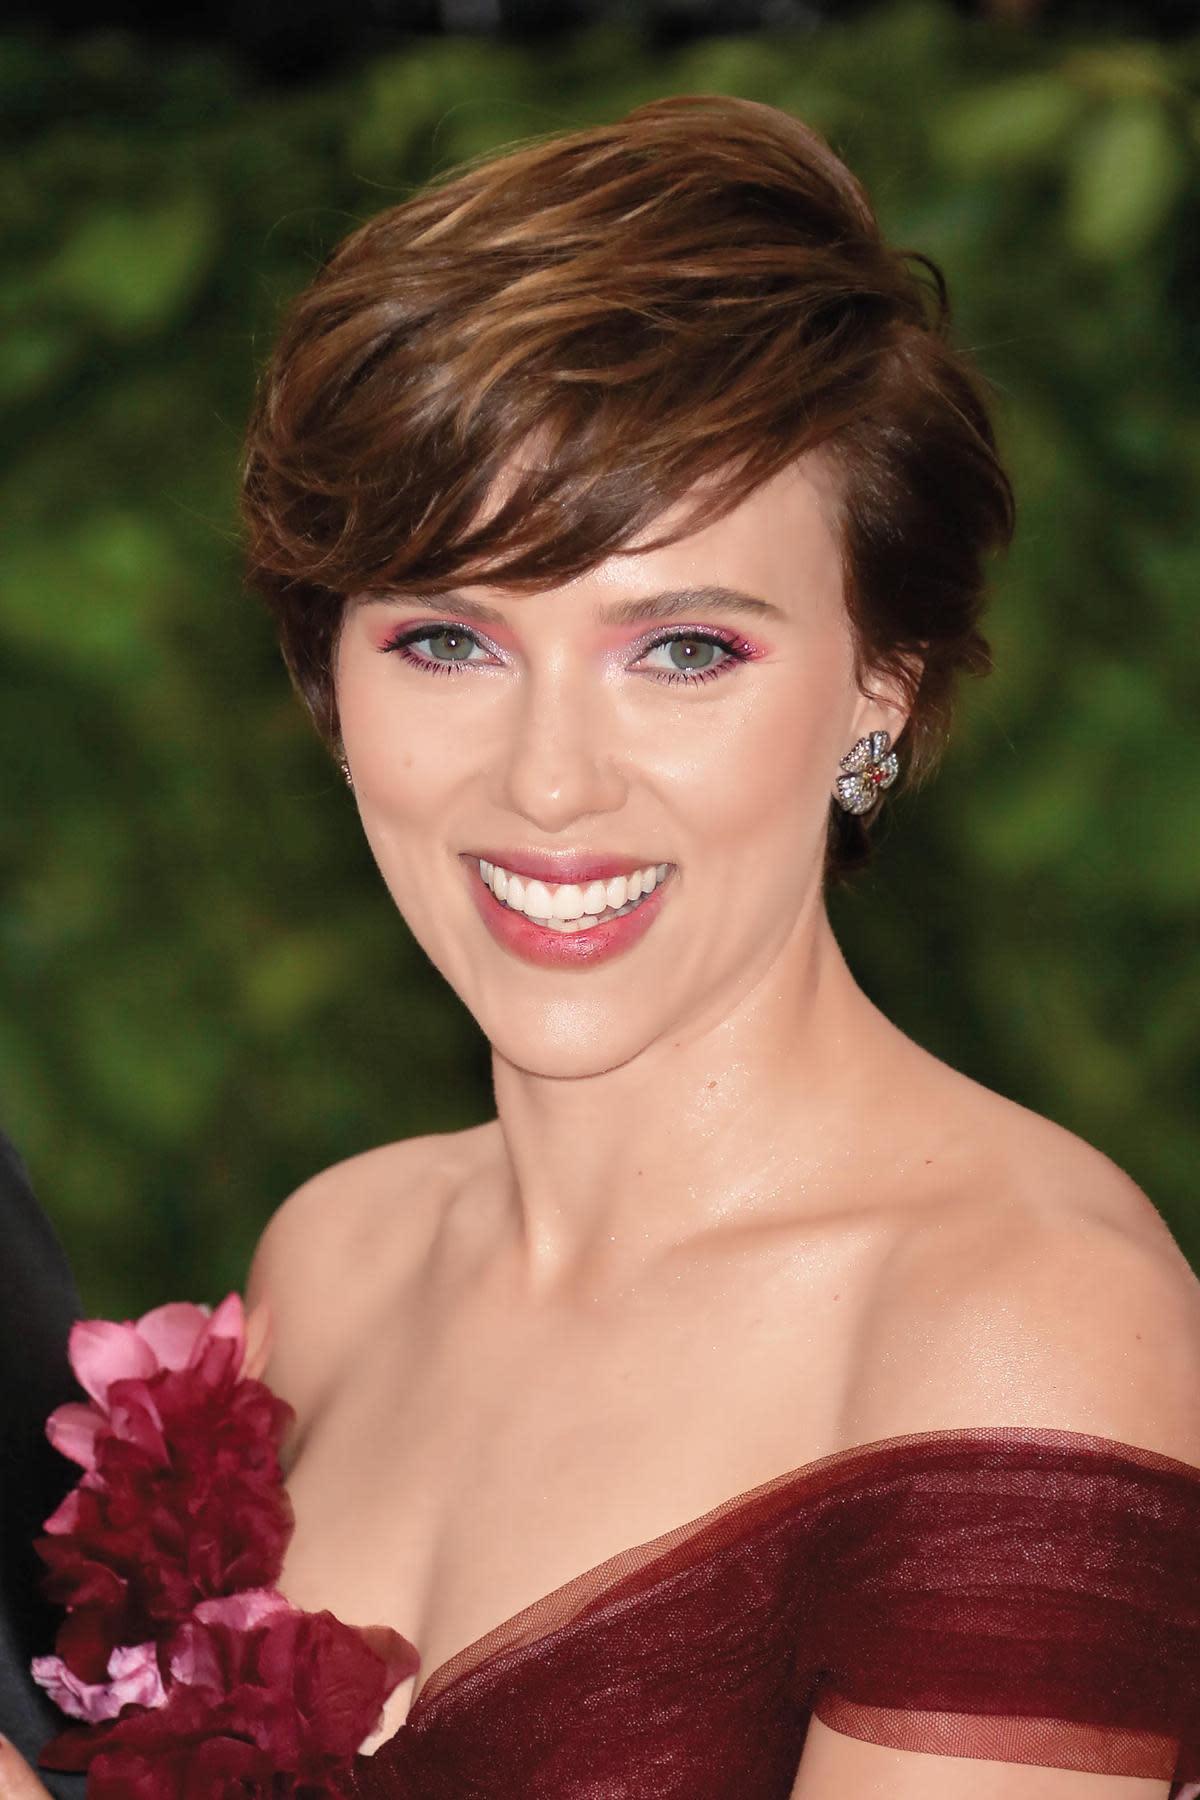 史嘉蕾喬韓森除了在漫威電影扮演黑寡婦外,還忙於替動畫片配音,從《歡樂好聲音》《犬之島》《與森林共舞》都有她的獻聲演出。(東方IC)